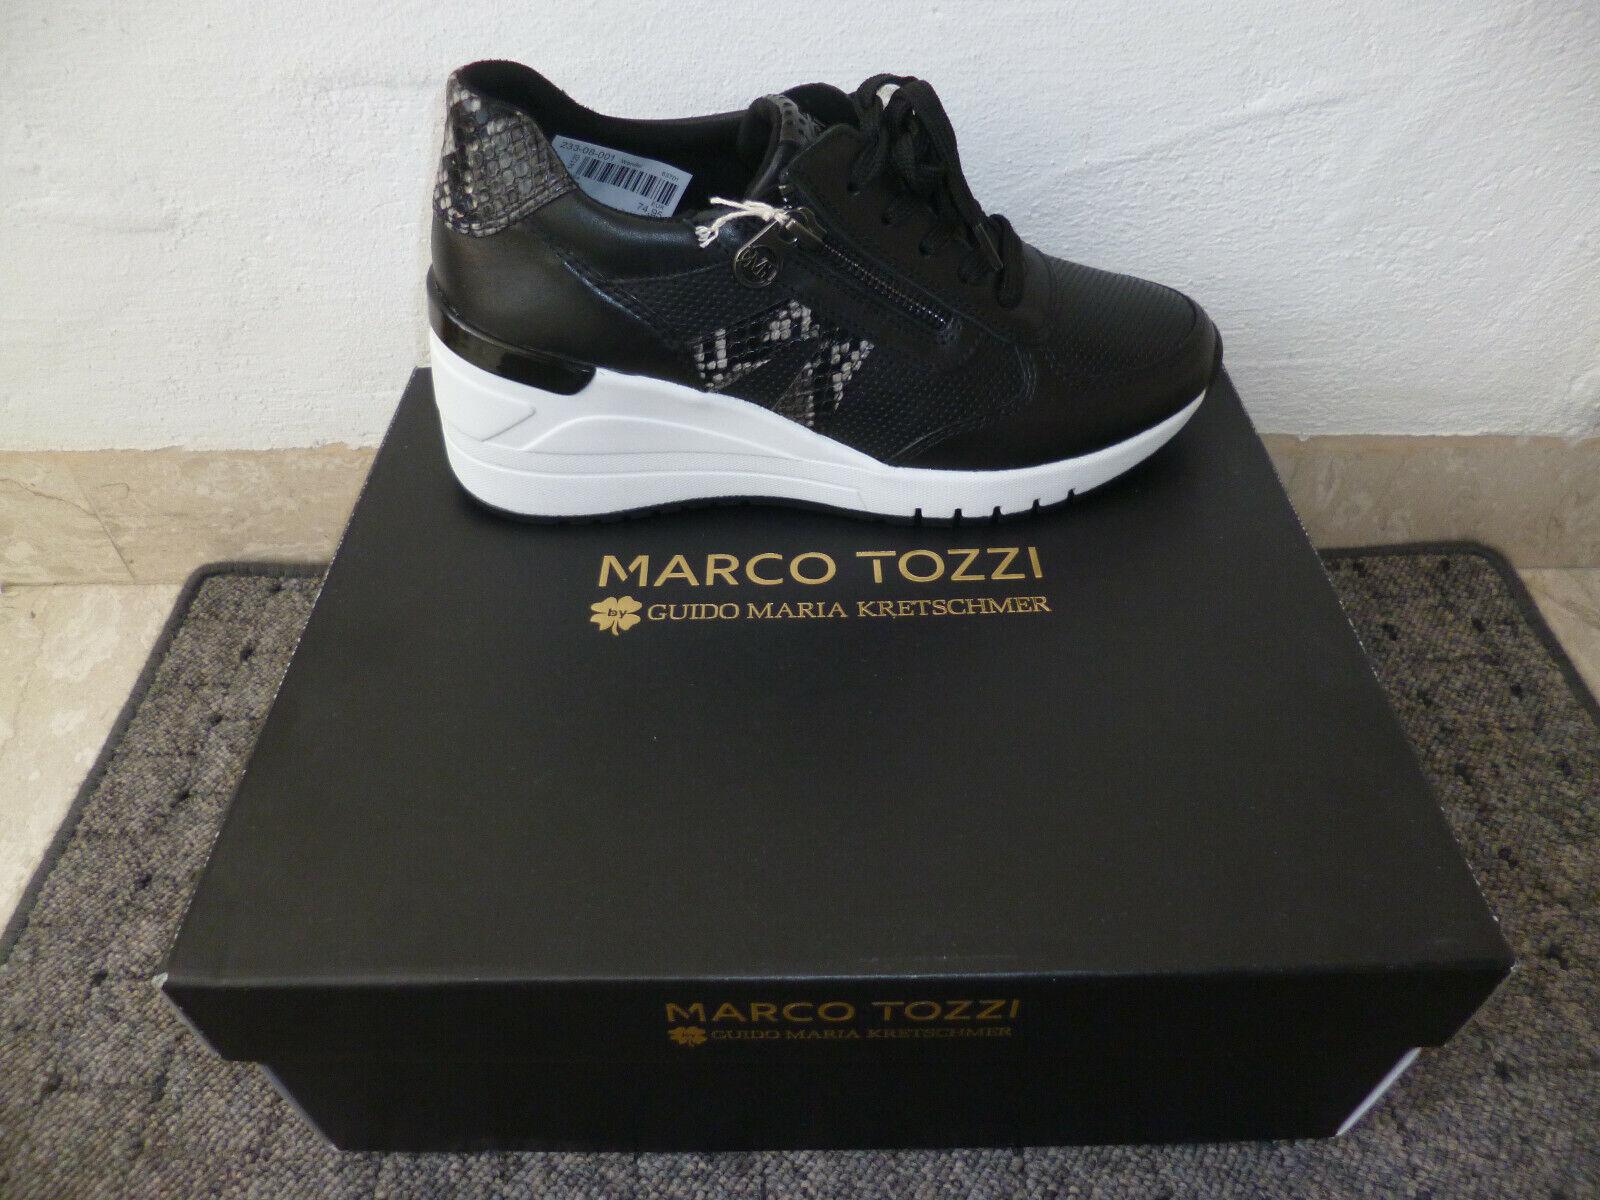 Marco Tozzi Baskets Chaussures Plates à Lacets Mocassins Noir Neuf